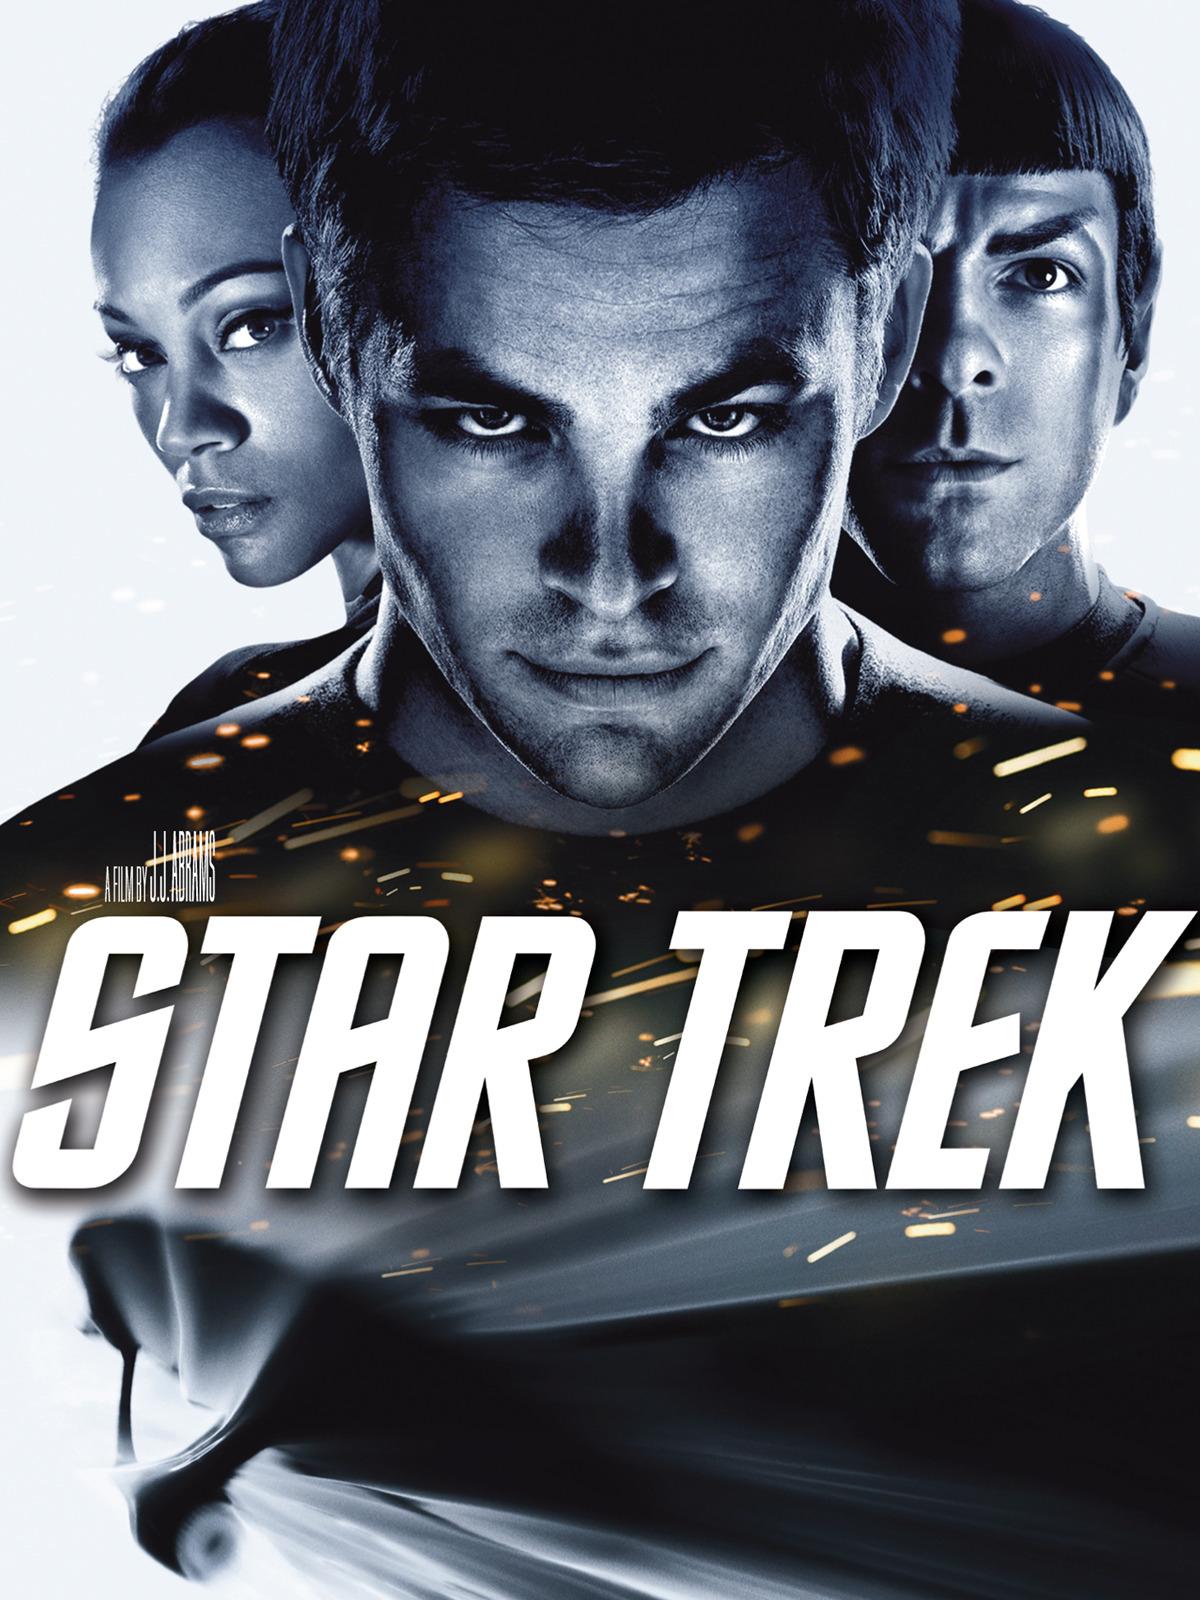 Prime Video: Star Trek (2009)